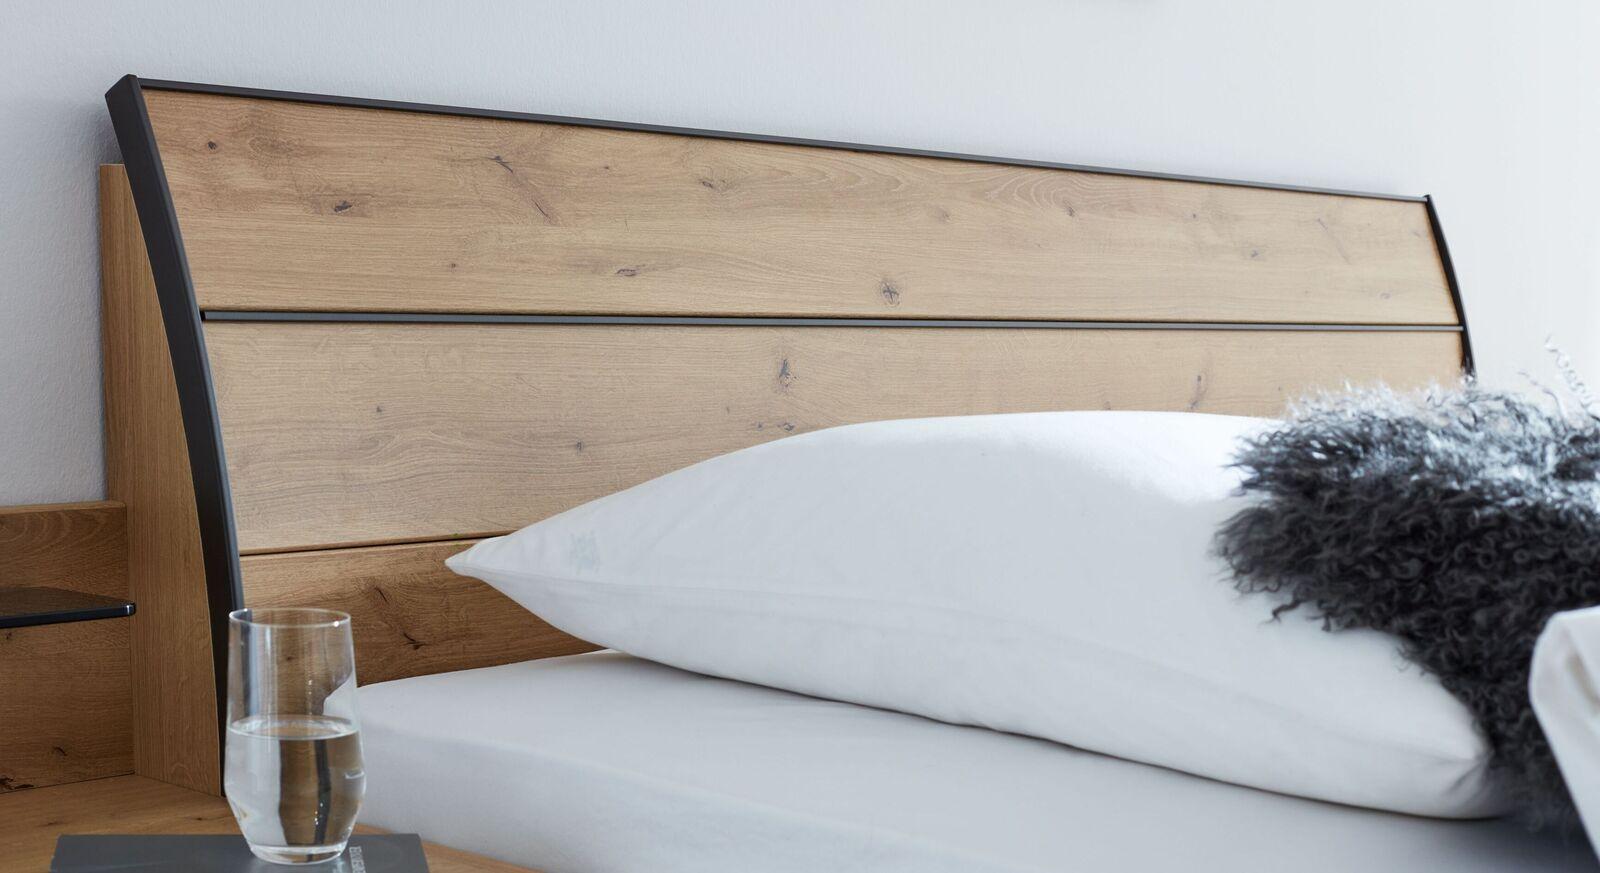 INTERLIVING Bett 1205 mit stylischem Kopfteil